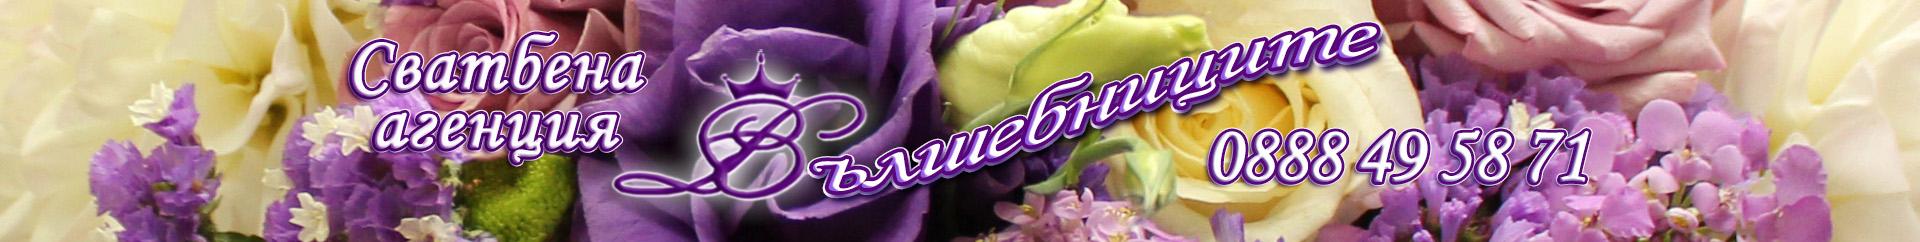 Лого на Сватбена агенция Вълшебниците София сватбена украса и декорация на сватба в България, сватбен агент и wedding planner